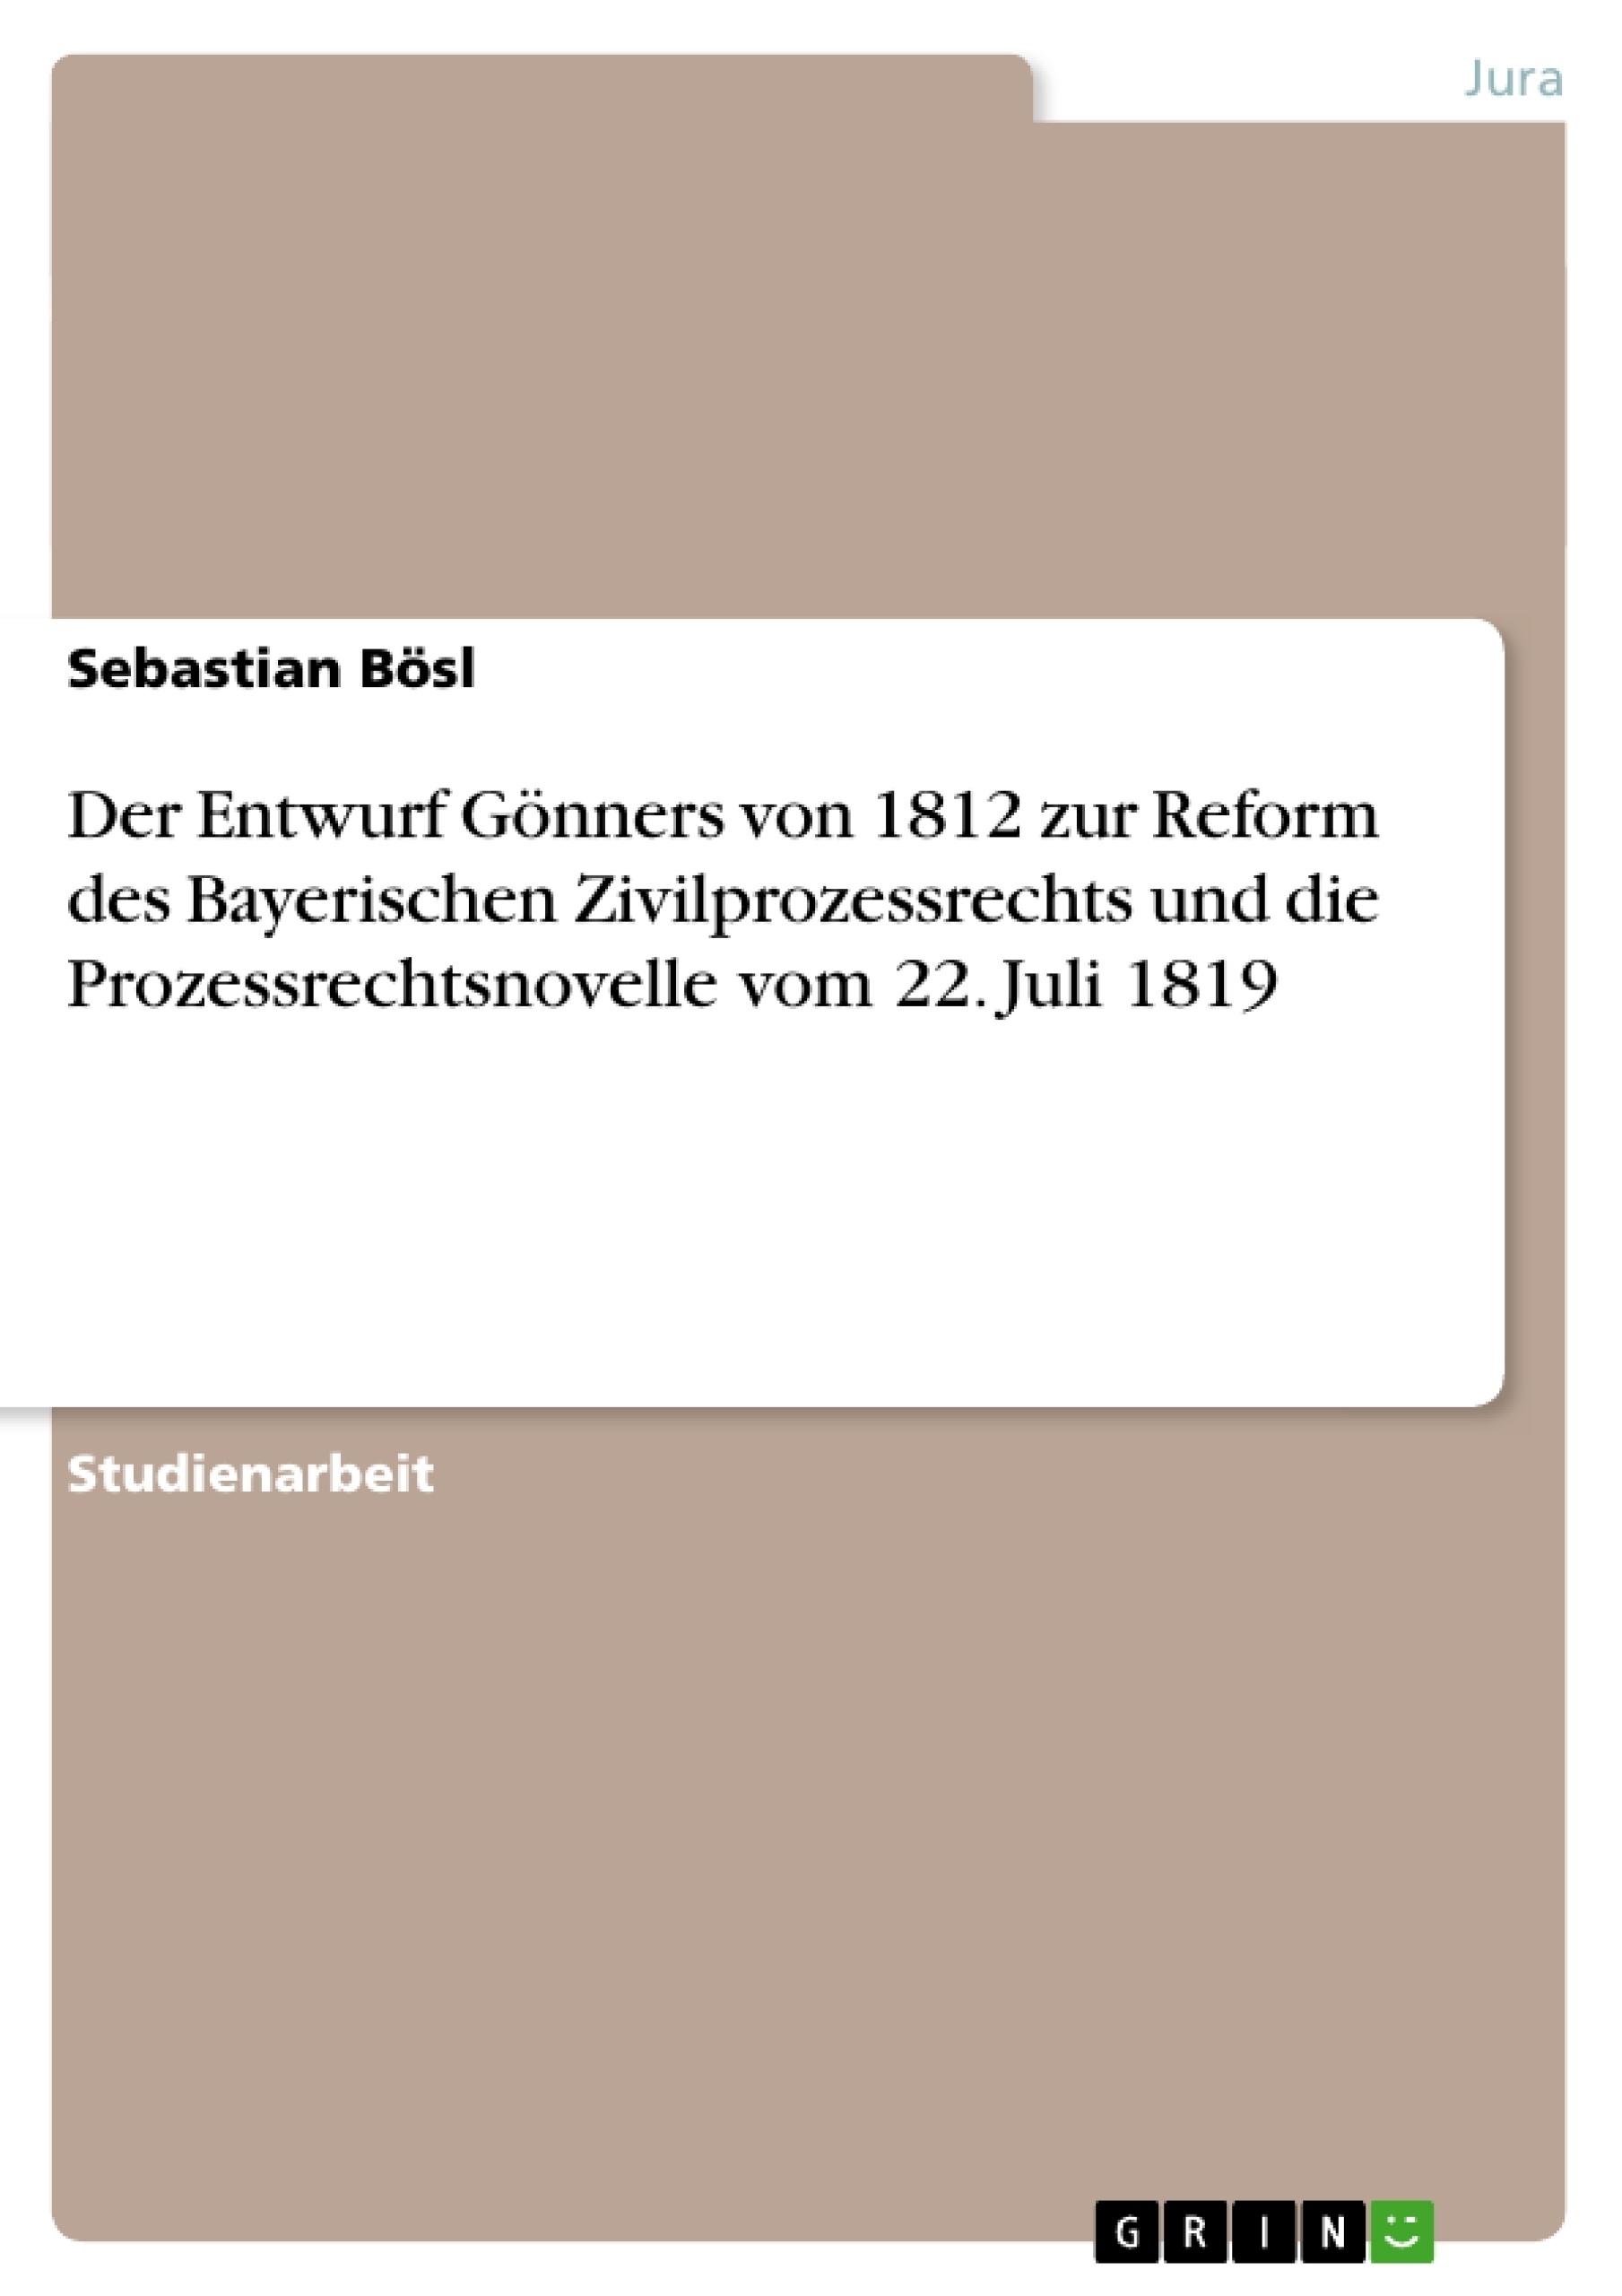 Titel: Der Entwurf Gönners von 1812 zur Reform des Bayerischen Zivilprozessrechts und die Prozessrechtsnovelle vom 22. Juli 1819